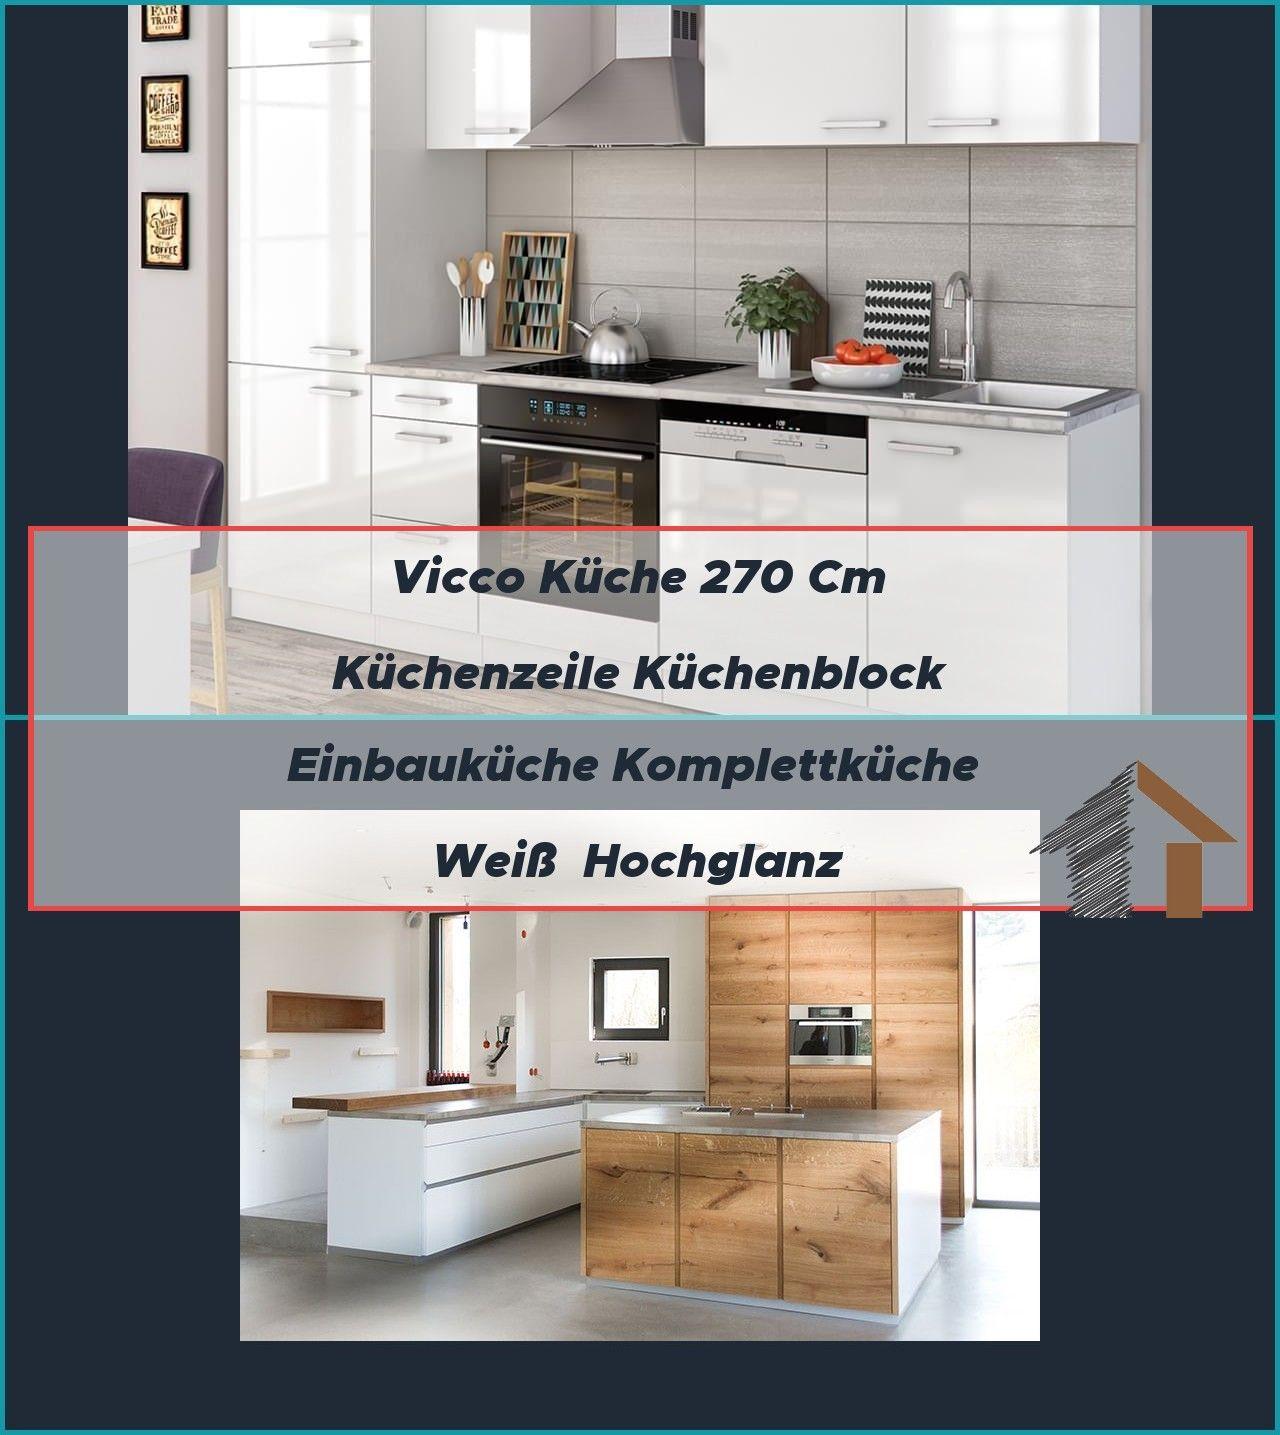 Vicco Kuche 270 Cm Kuchenzeile Kuchenblock Einbaukuche Komplettkuche Weiss Hochglanz Eiche Holz Modern Weiss Che Kuch In 2020 Kuche Block Einbaukuche Schmidt Kuchen